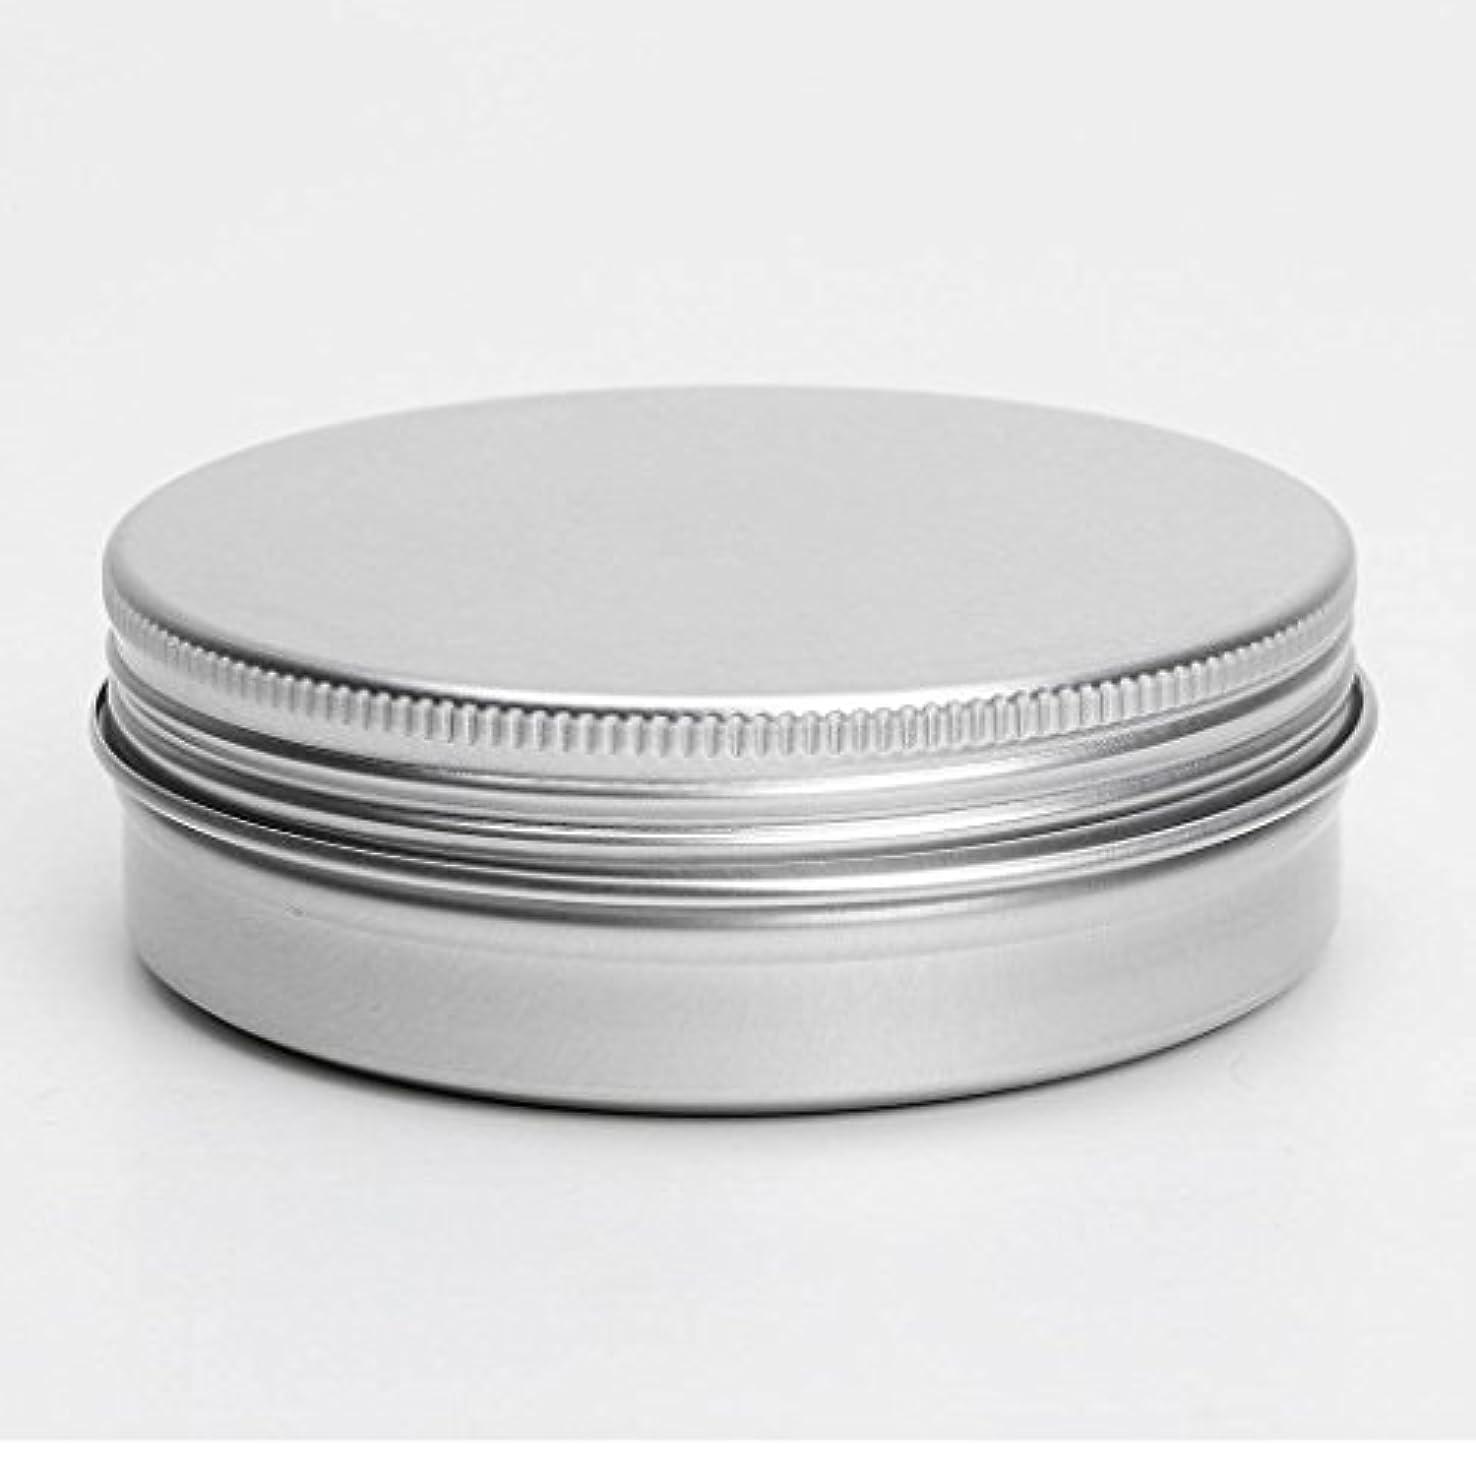 早熟インディカ鍔SODIAL(R) 50 x空の化粧品のポット リップクリームのアルミの瓶 容器 ネジキャップ 150ml